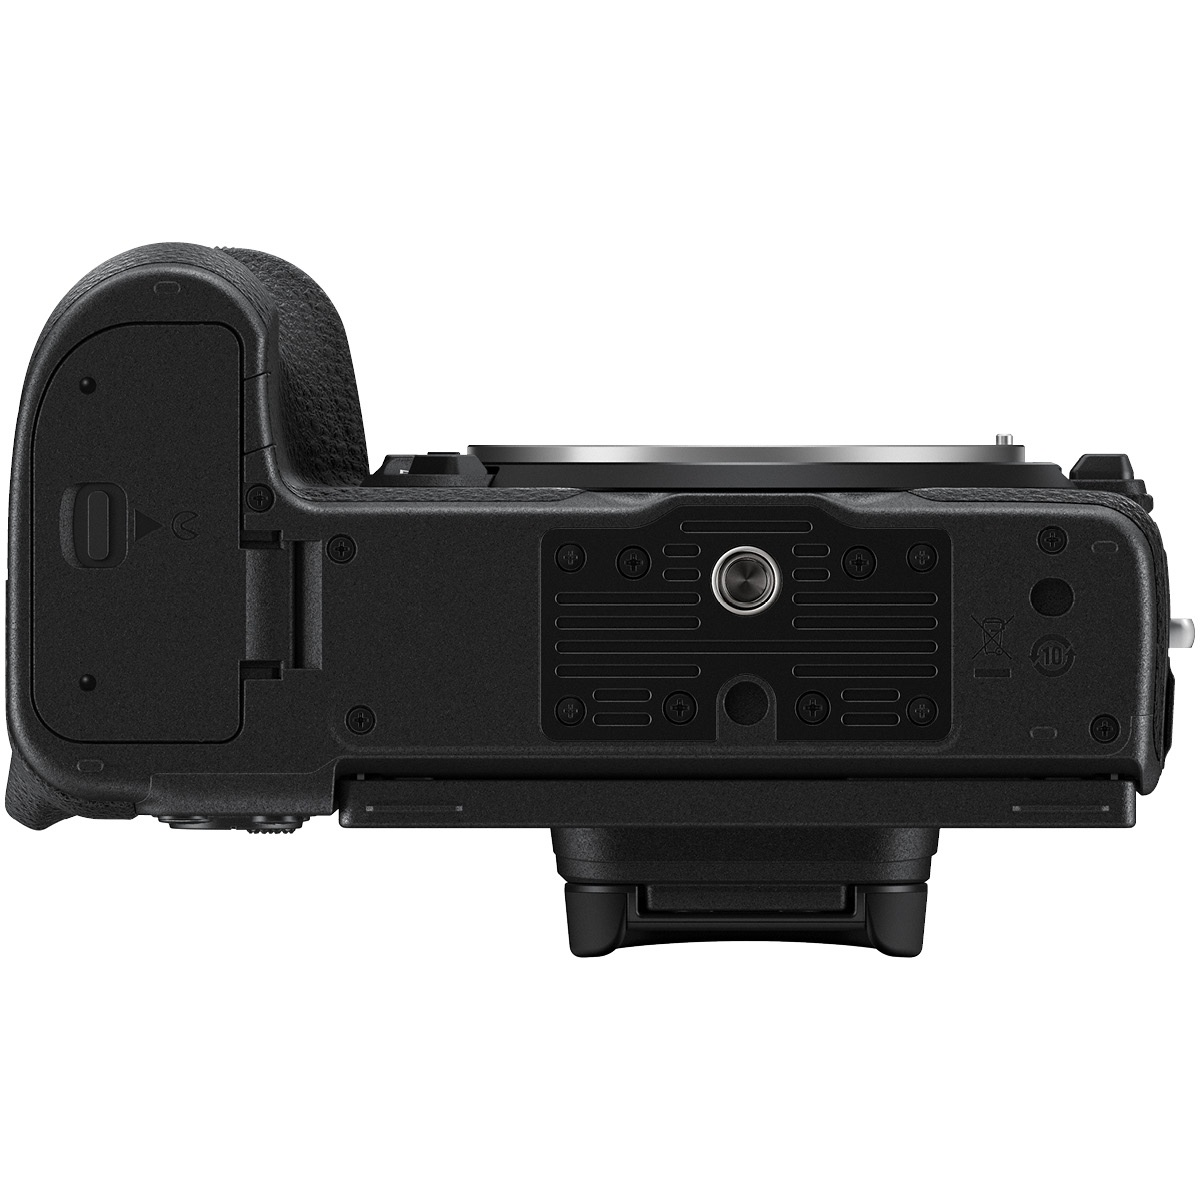 Nikon Z6 Kit mit FTZ-Adapter